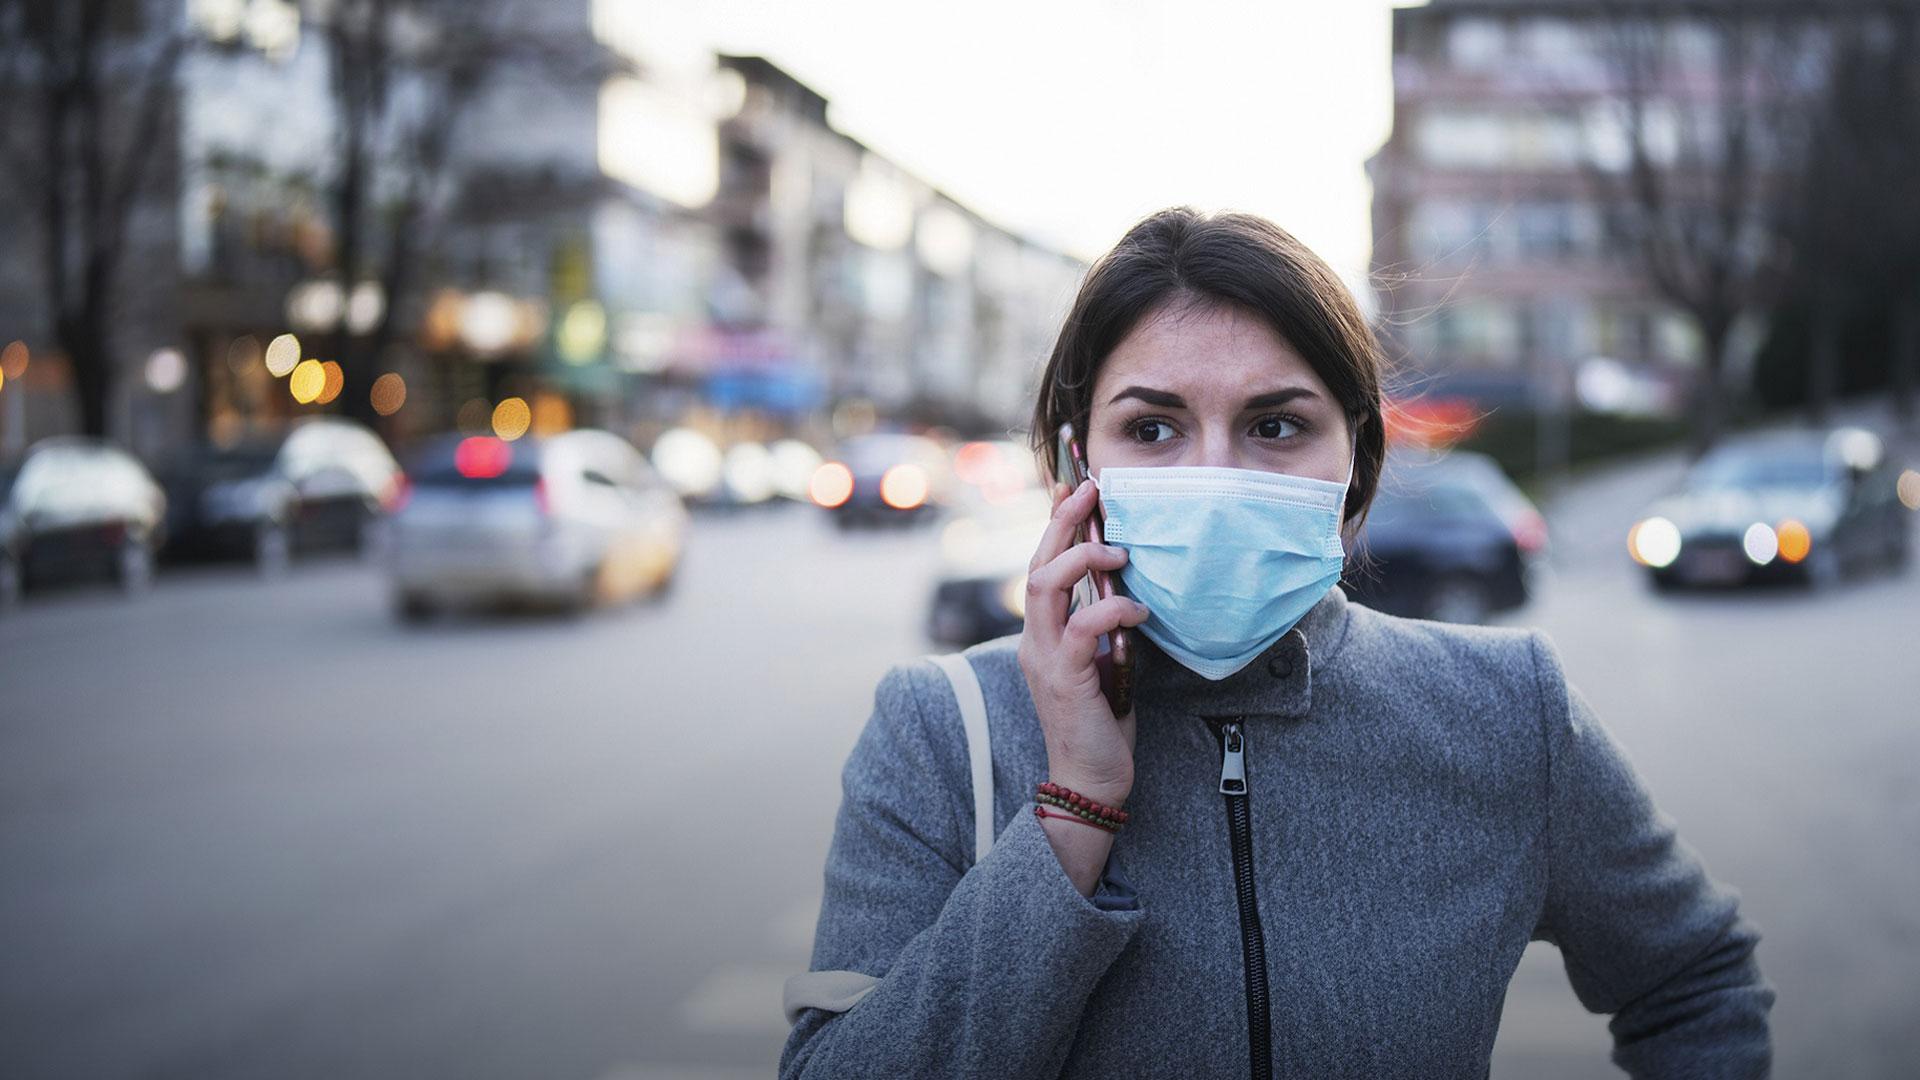 Máscara: em que circunstâncias é que a devemos usar?